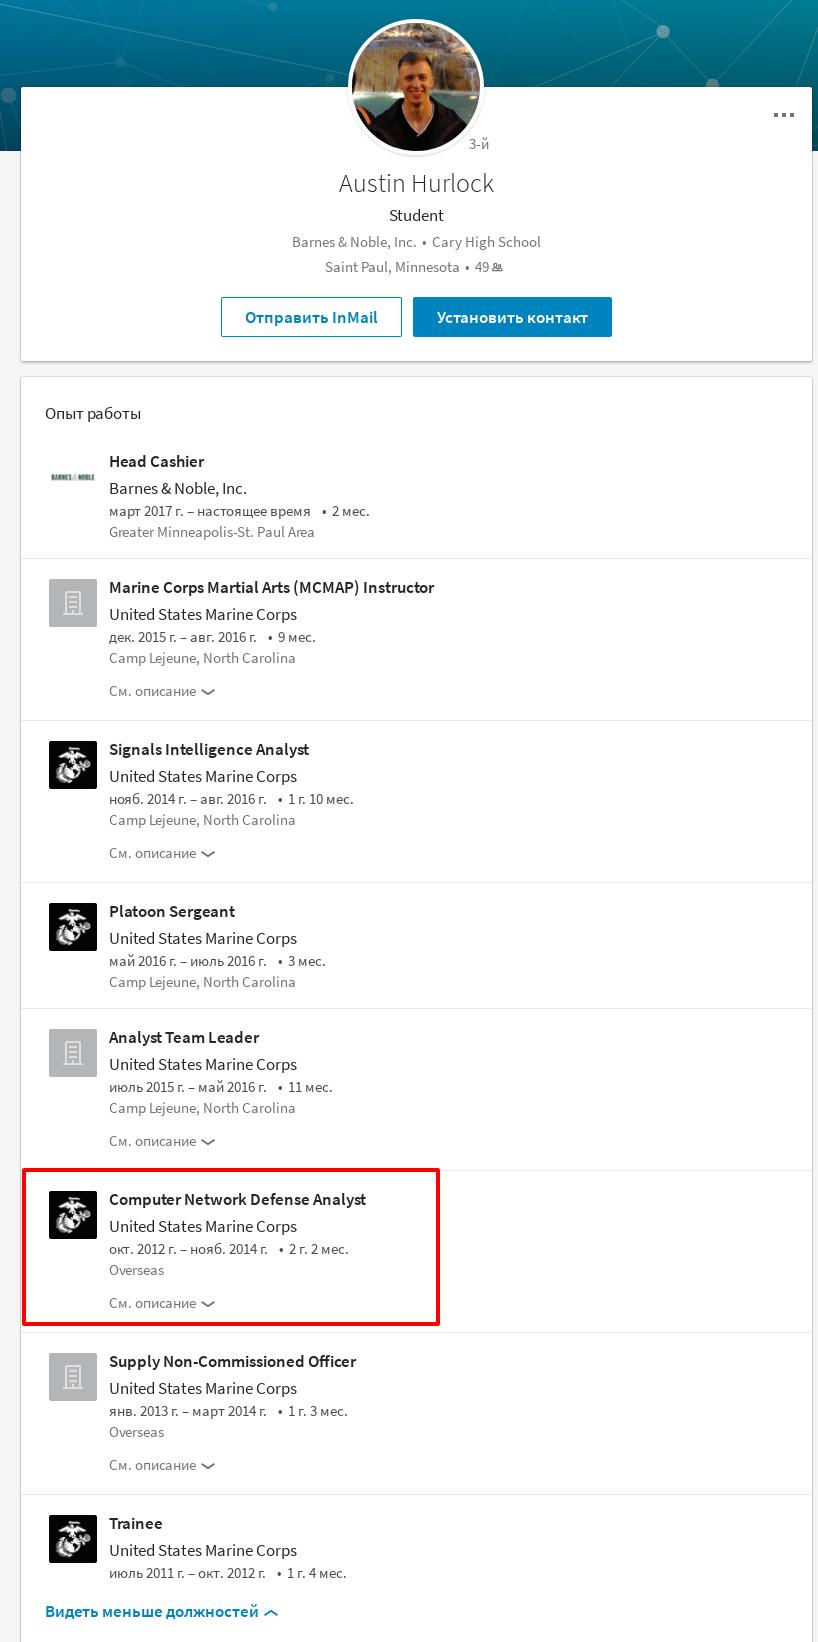 Дамп ShadowBrokers: разбираемся в содержимом директории «swift»